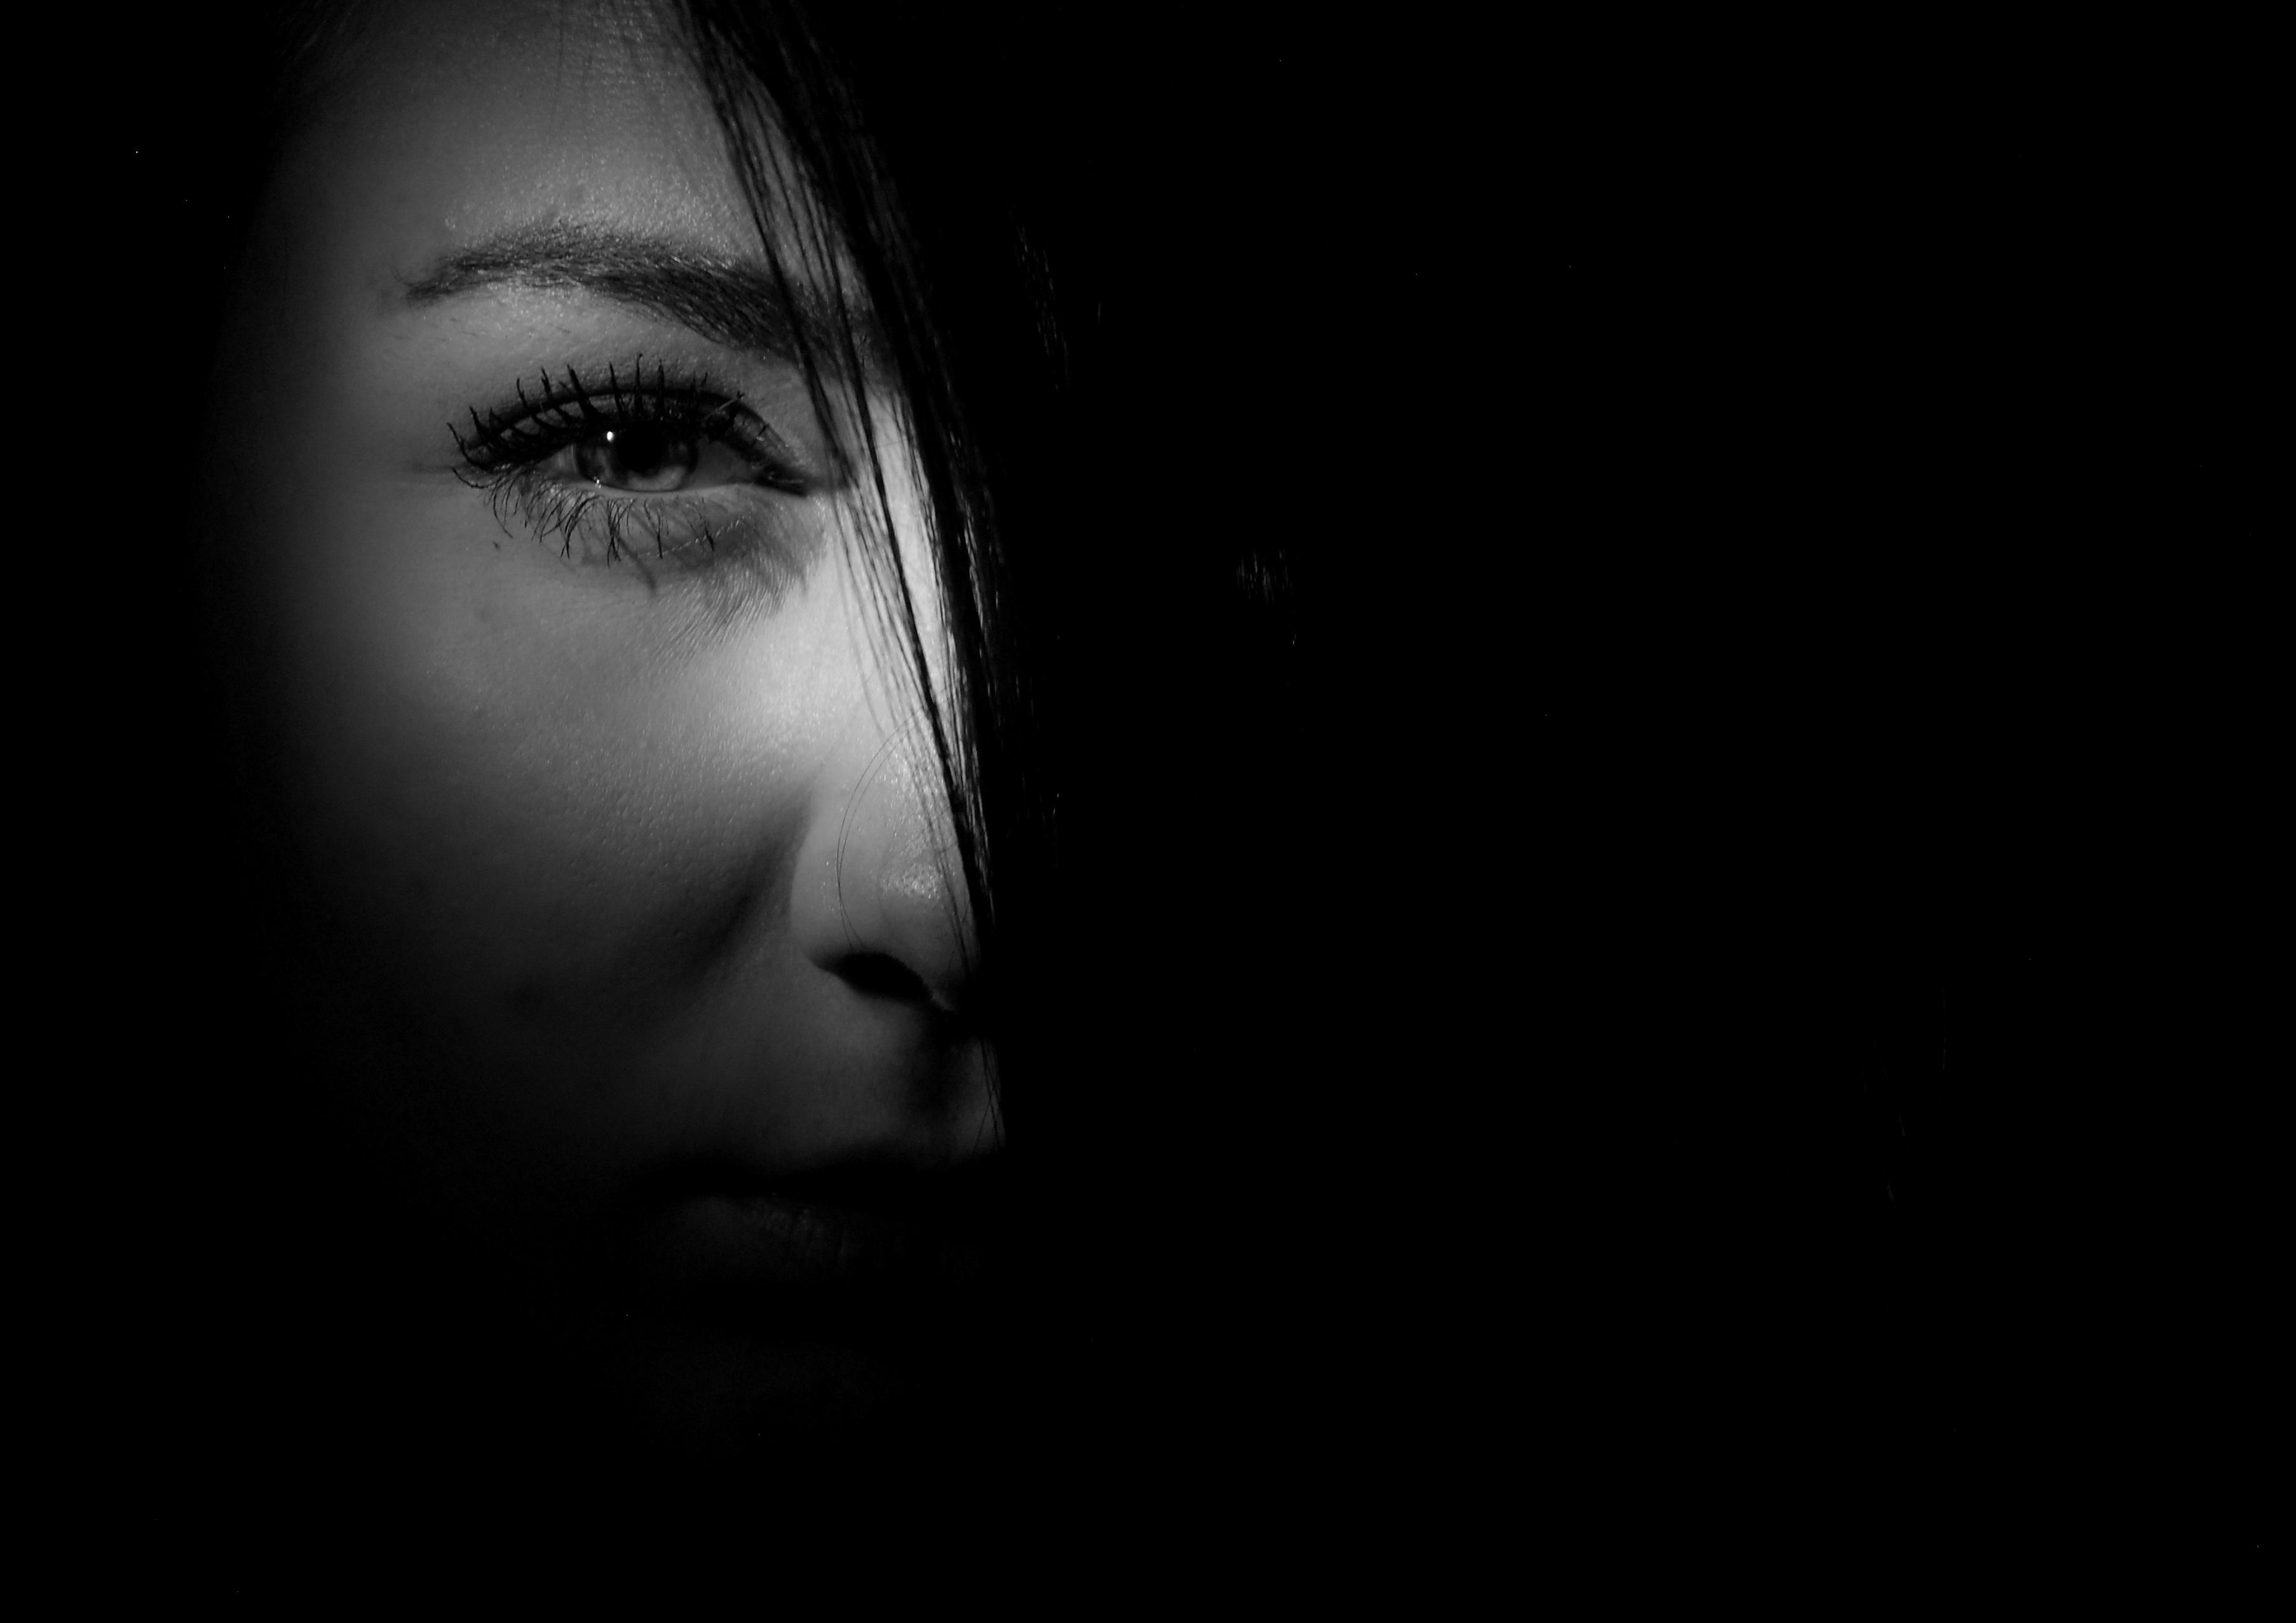 【片思いの恋愛失敗談4】イケメンとの偶然の出会いから一目惚れ、好きになったその人は友達に取られてた